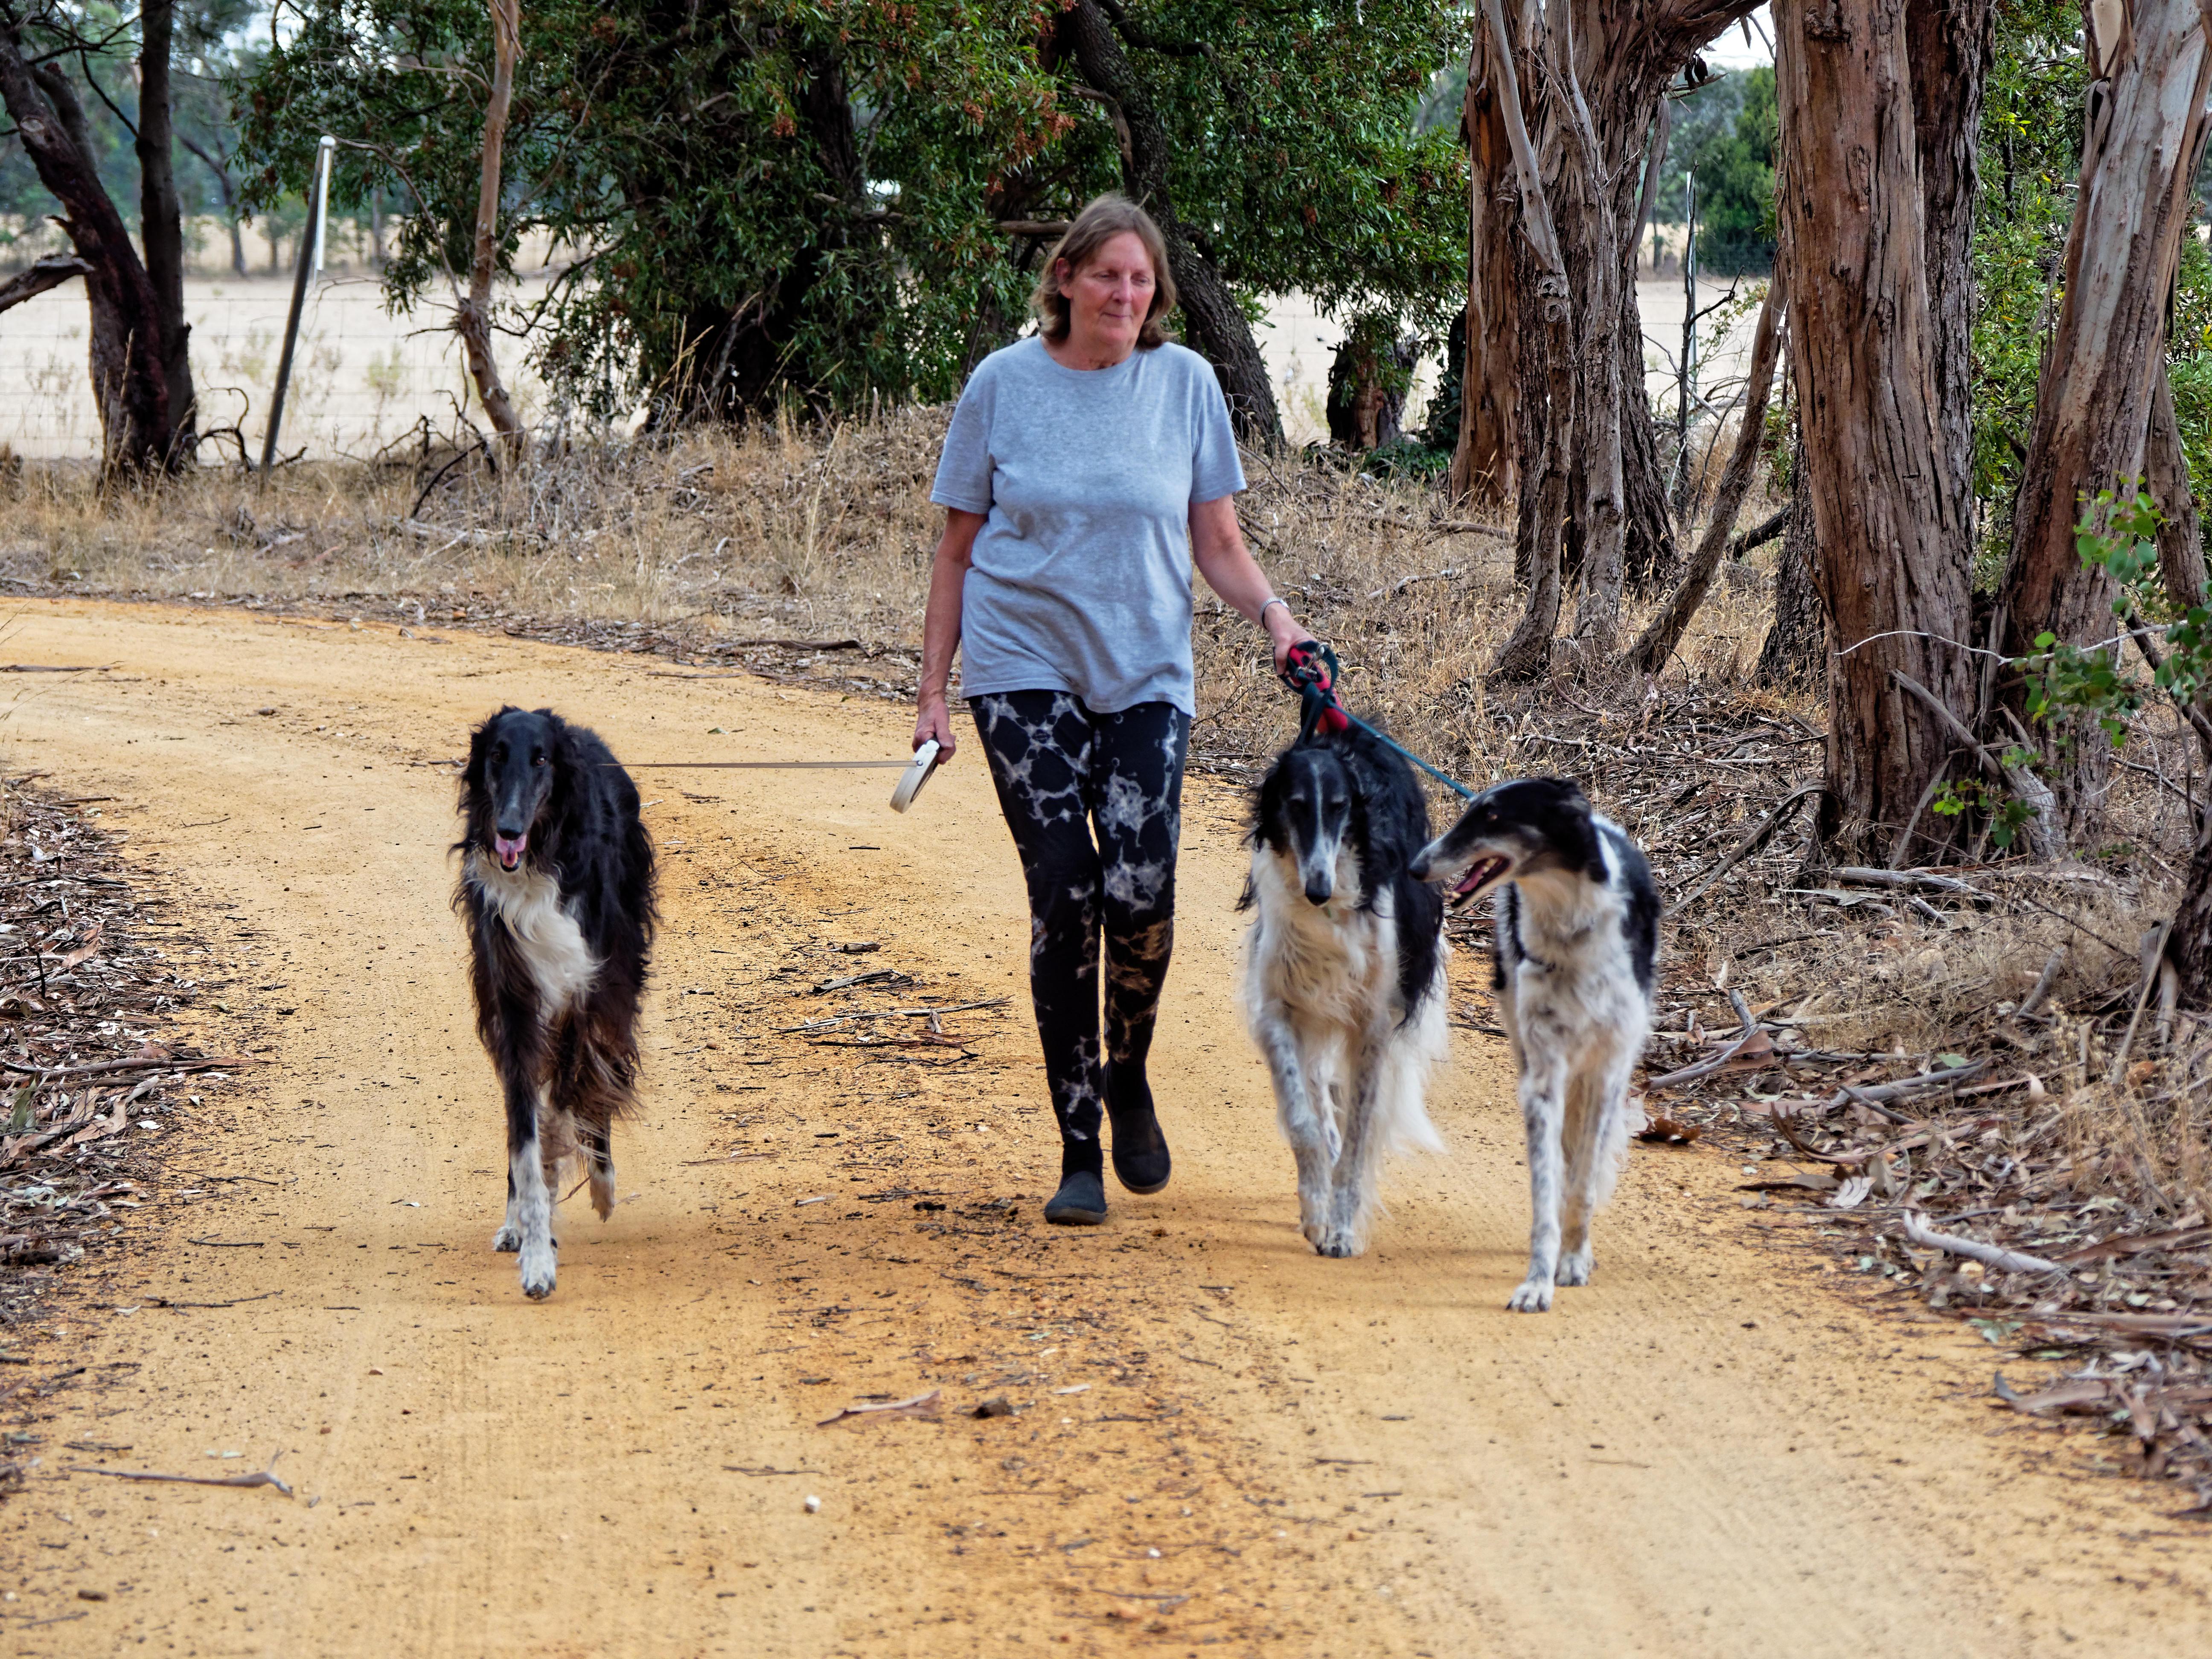 Walking-dogs-93.jpeg